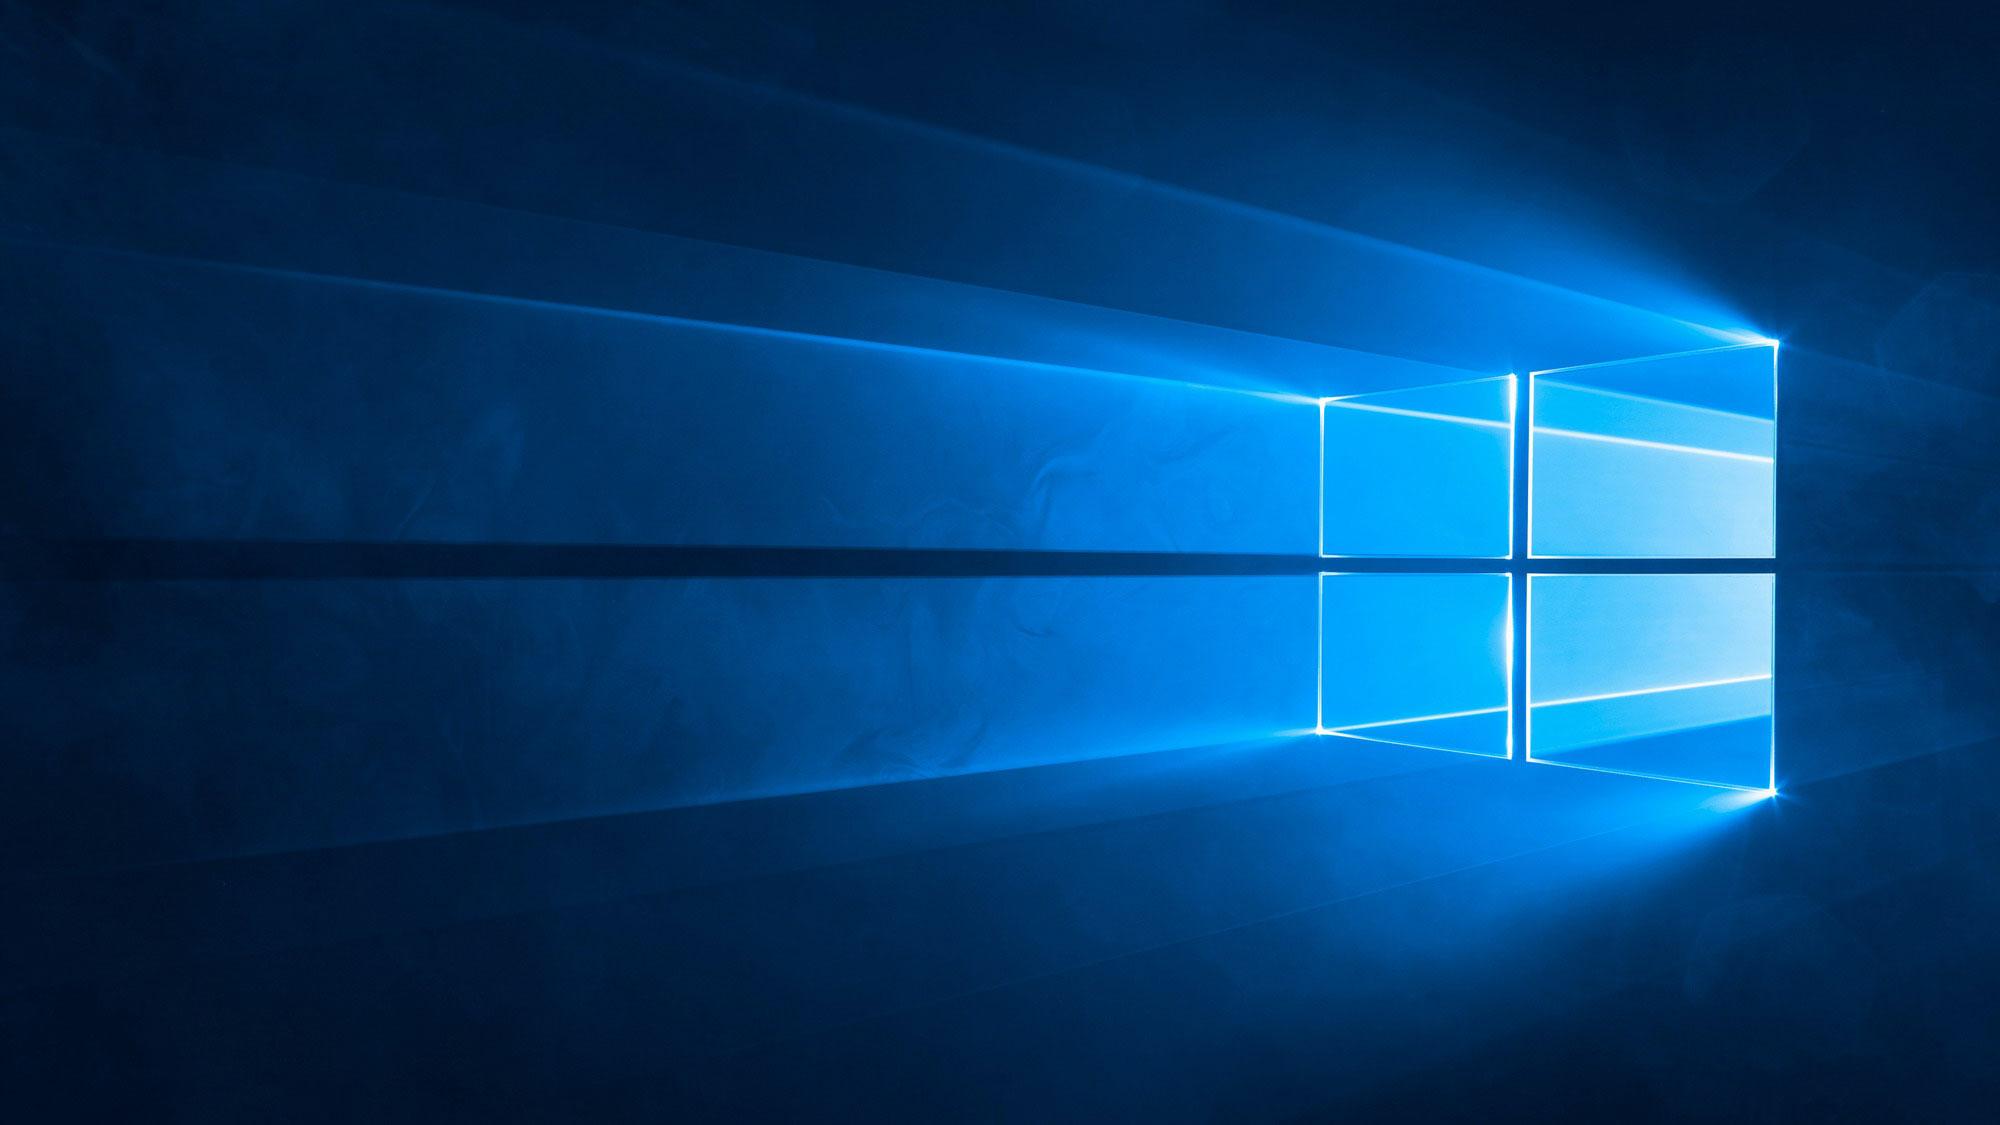 跪求windows10高清壁纸最好1080p以上